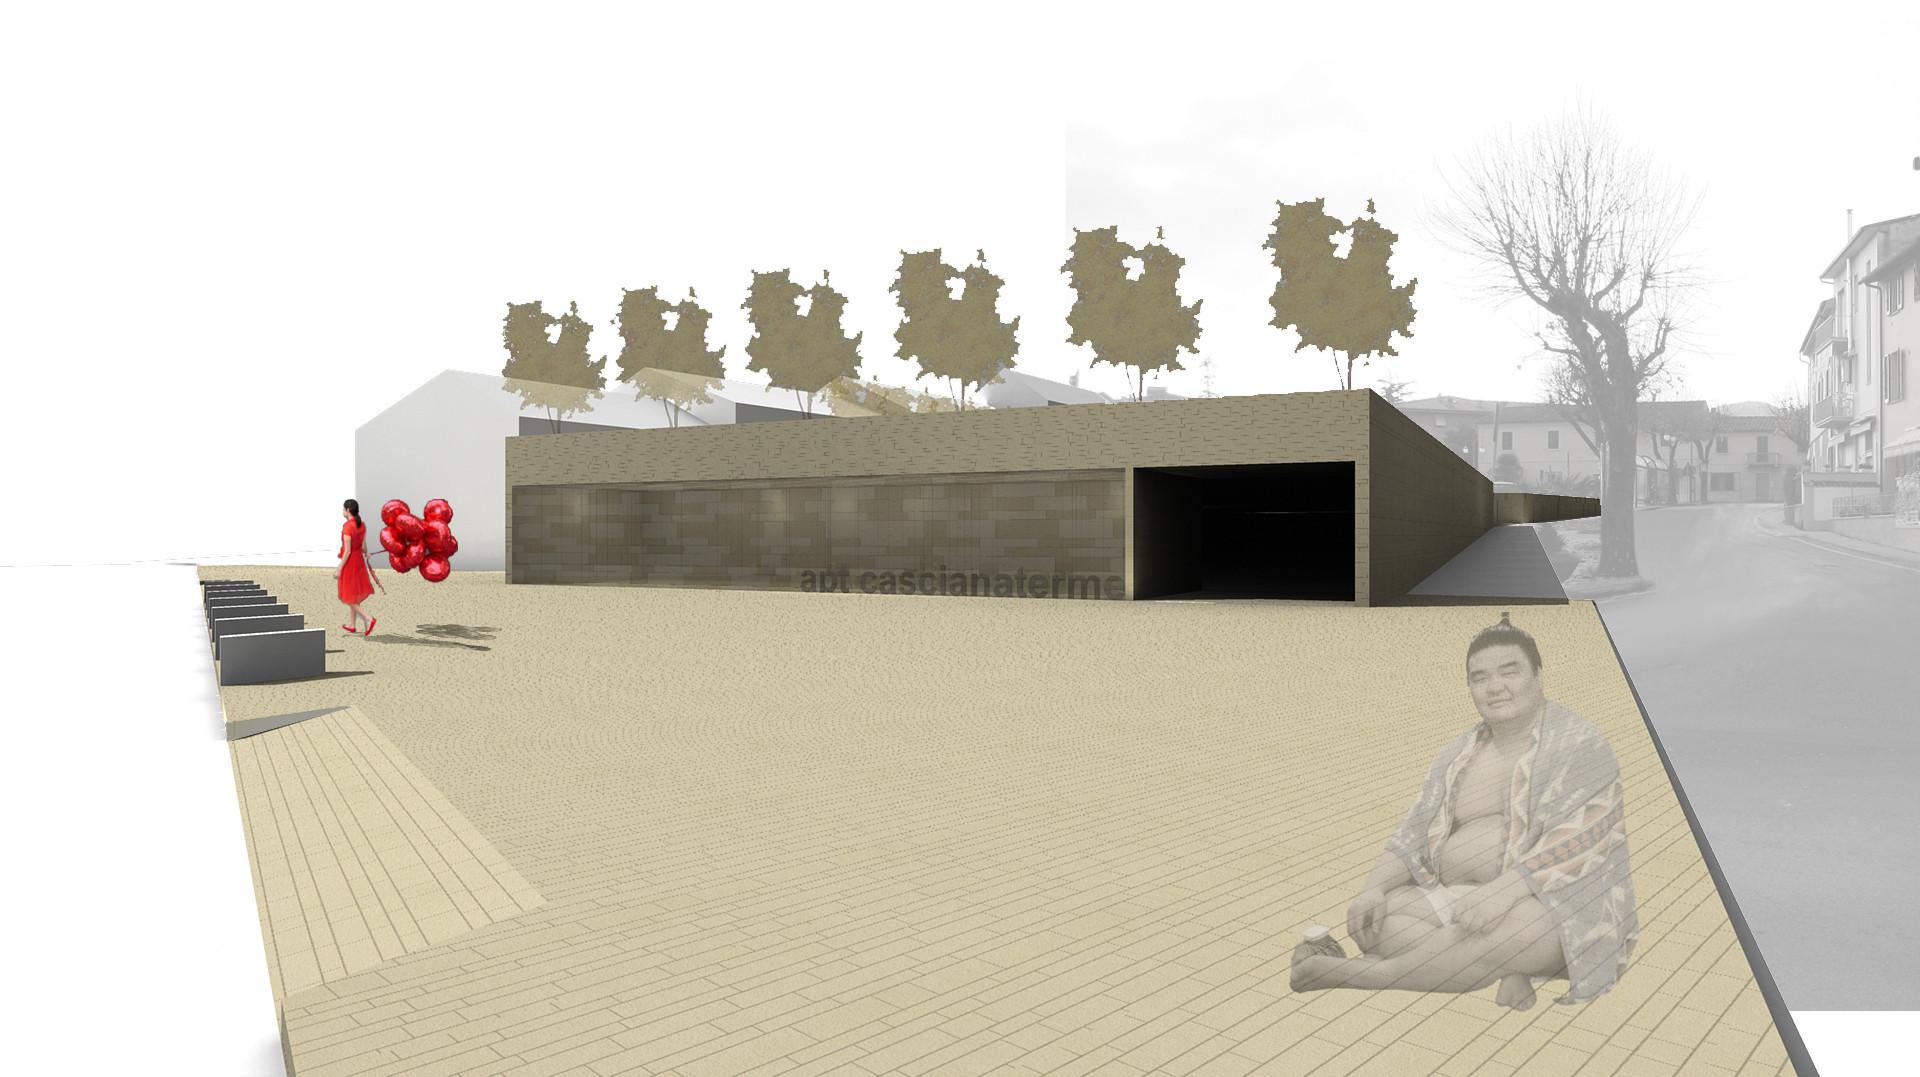 Casciana terme - 4° posto - Piazza Inferiore